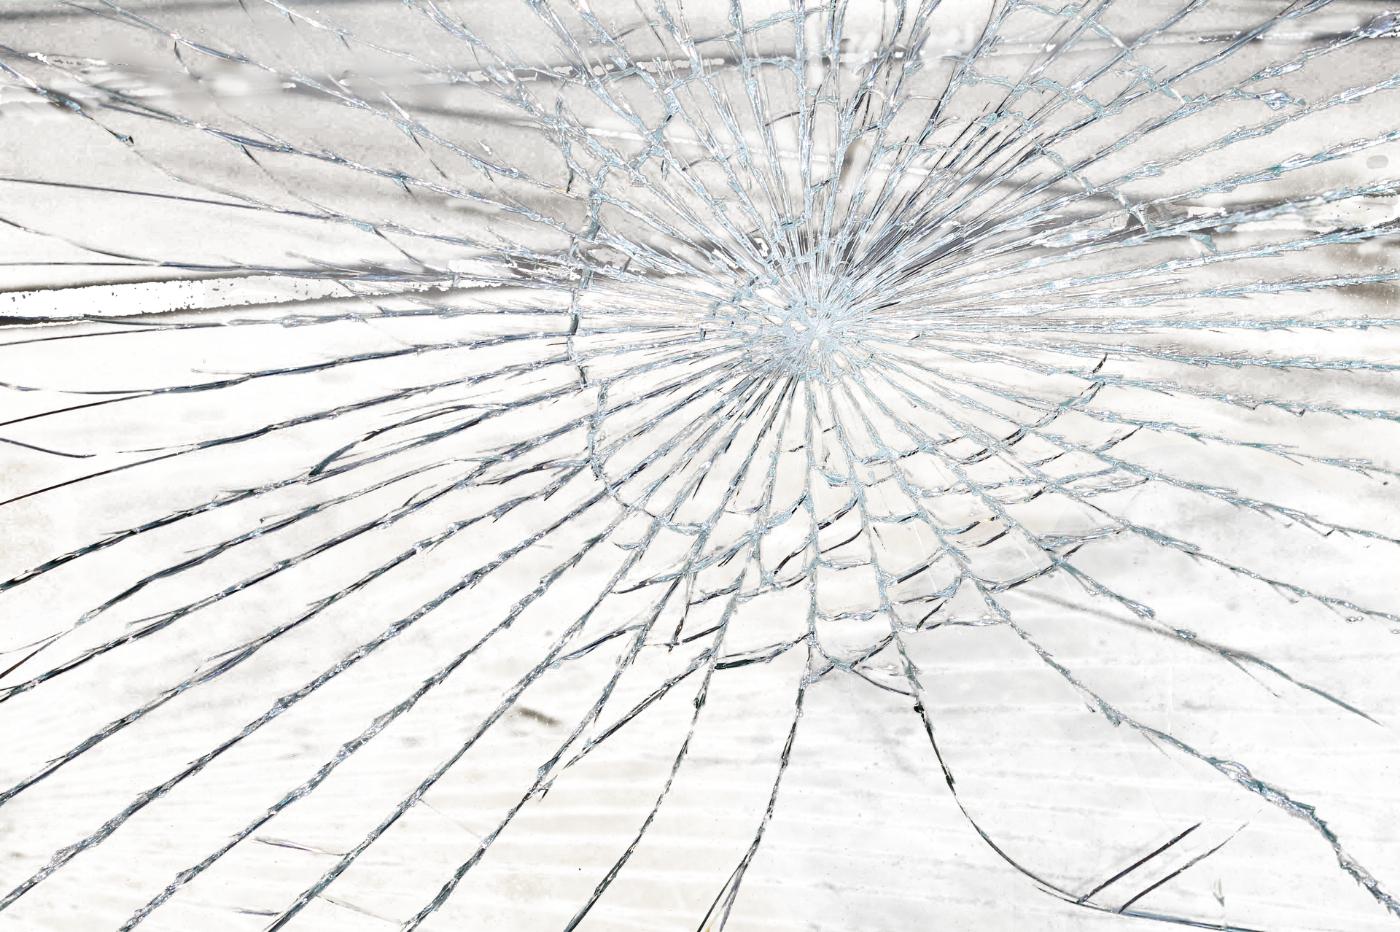 PRZYSIETNICA: 34-latek powybijał szyby i zaatakował ratownika!  [ZDJĘCIA] - Zdjęcie główne